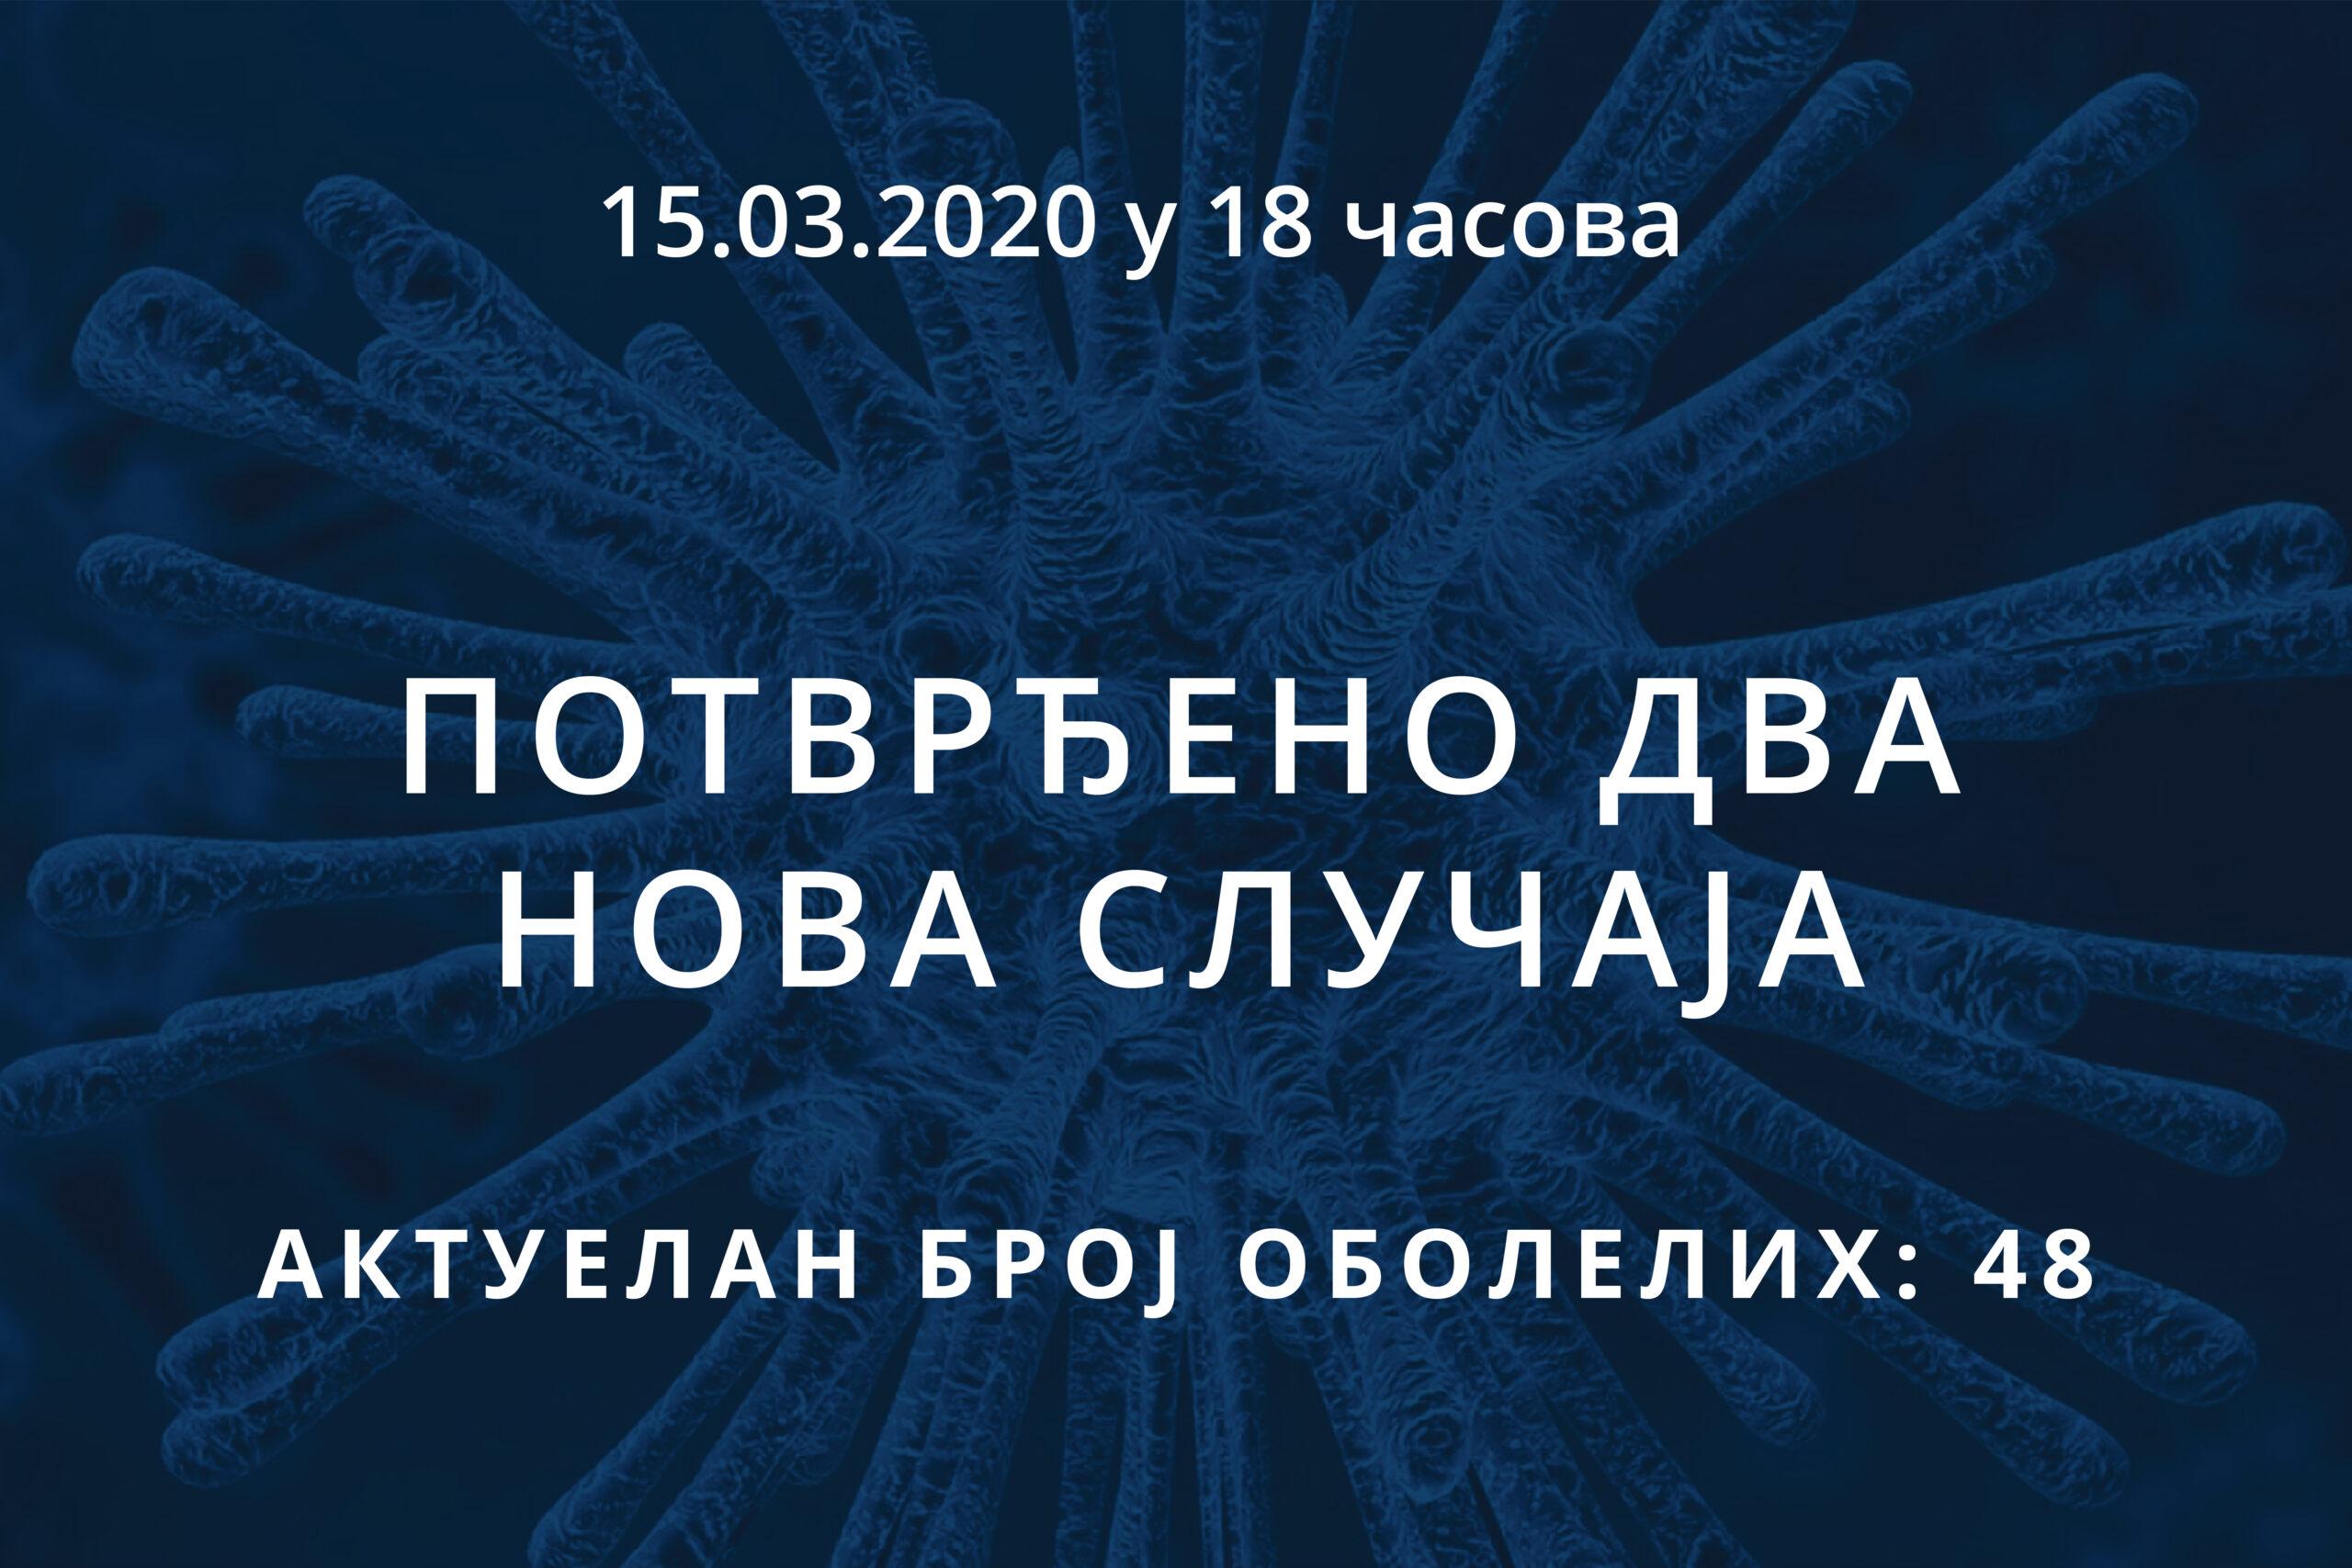 Информације о корона вирусу COVID-19, 15.03.2020 у 18 часова